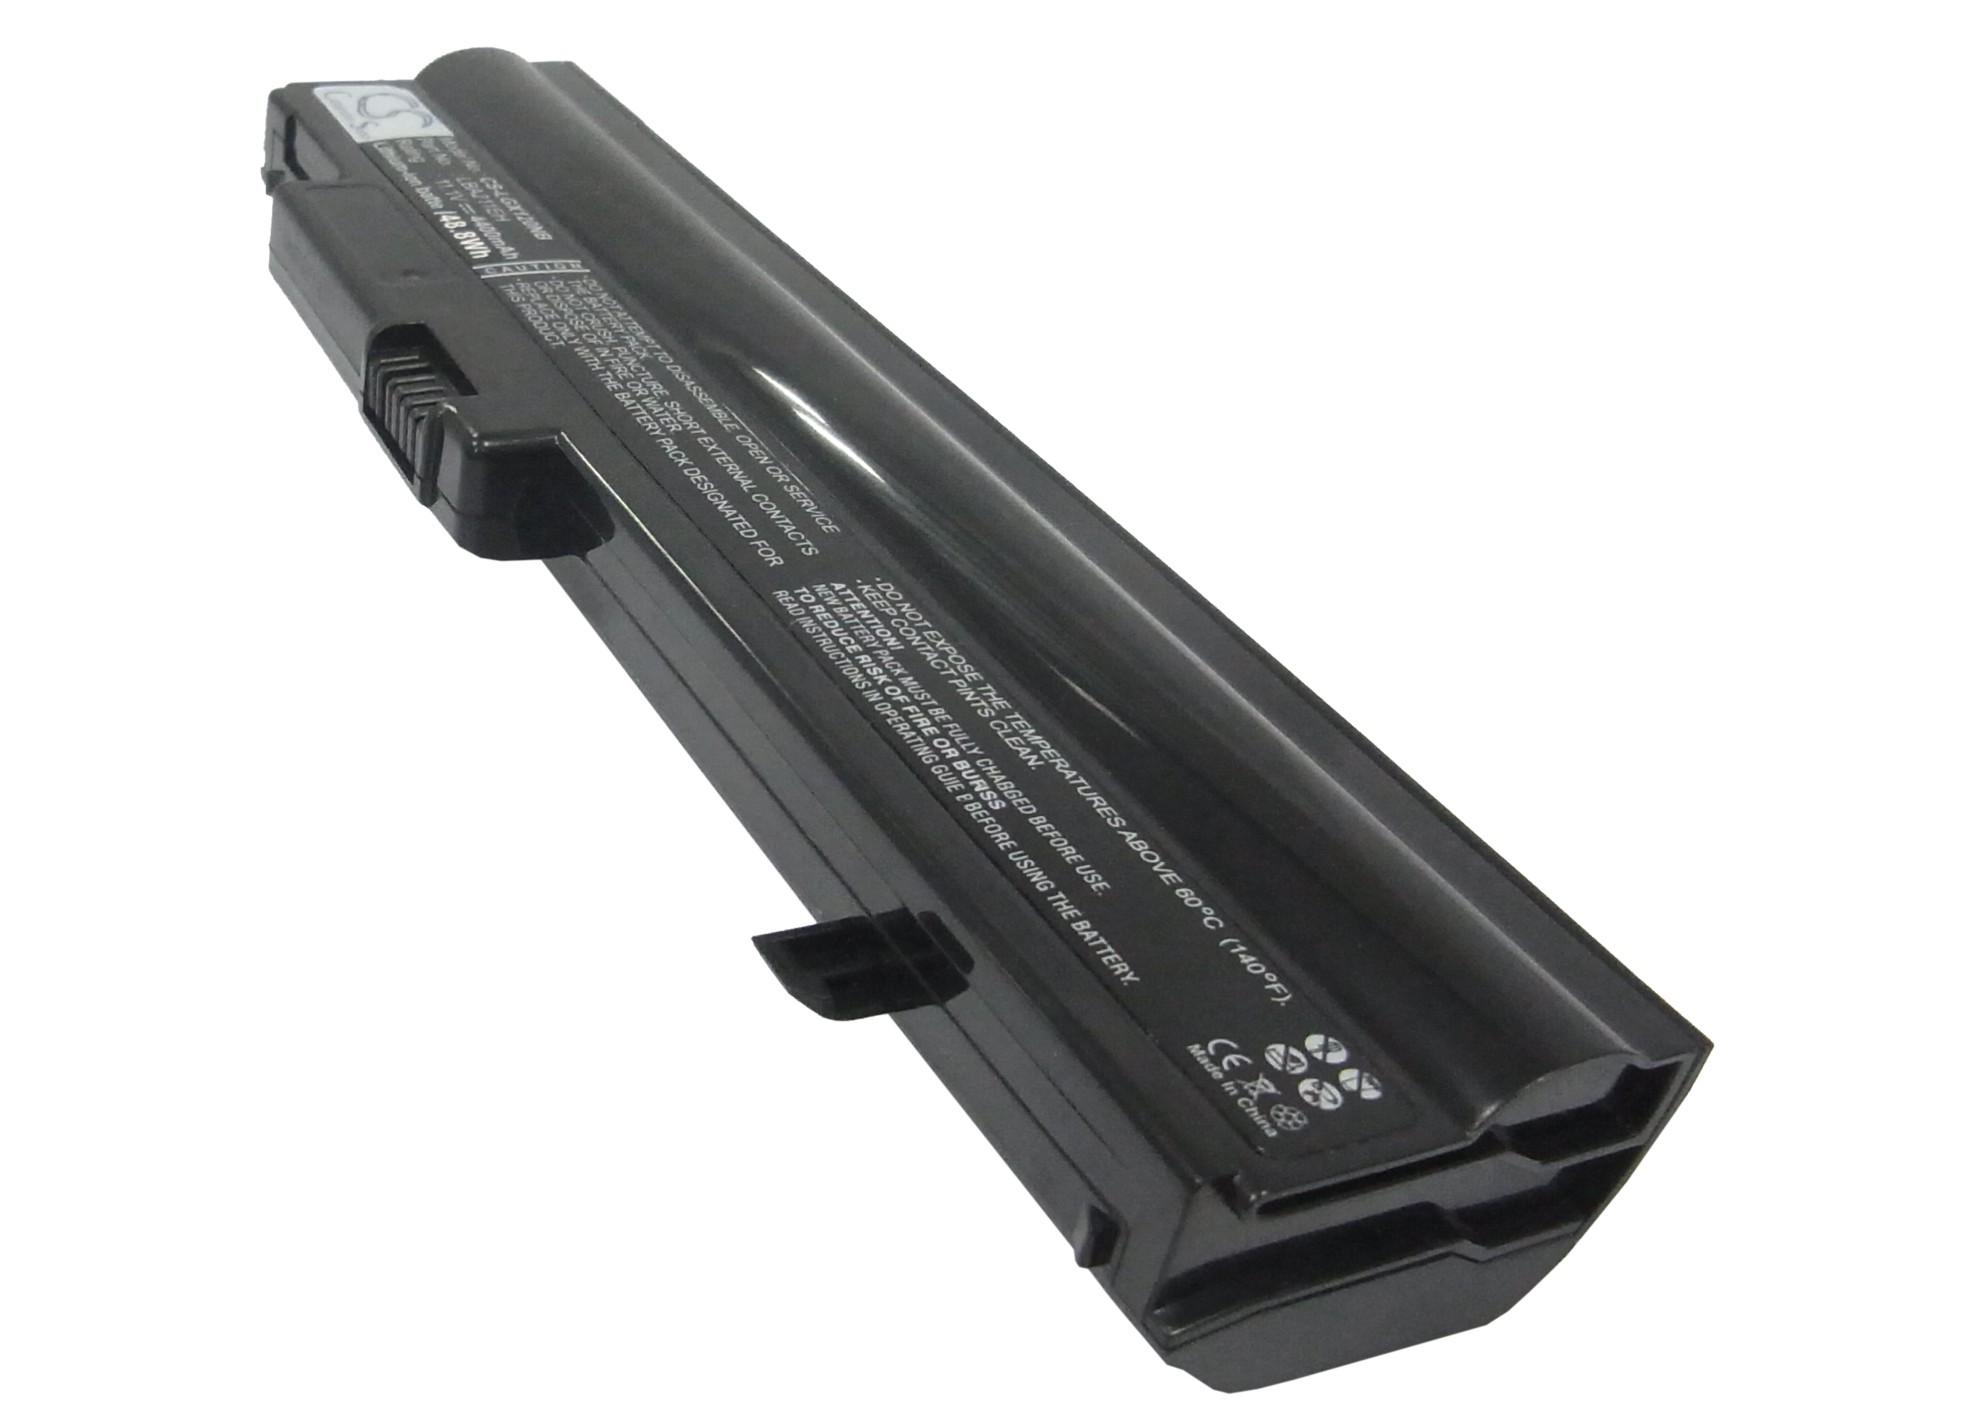 Cameron Sino baterie do netbooků pro LG X120 11.1V Li-ion 4400mAh černá - neoriginální